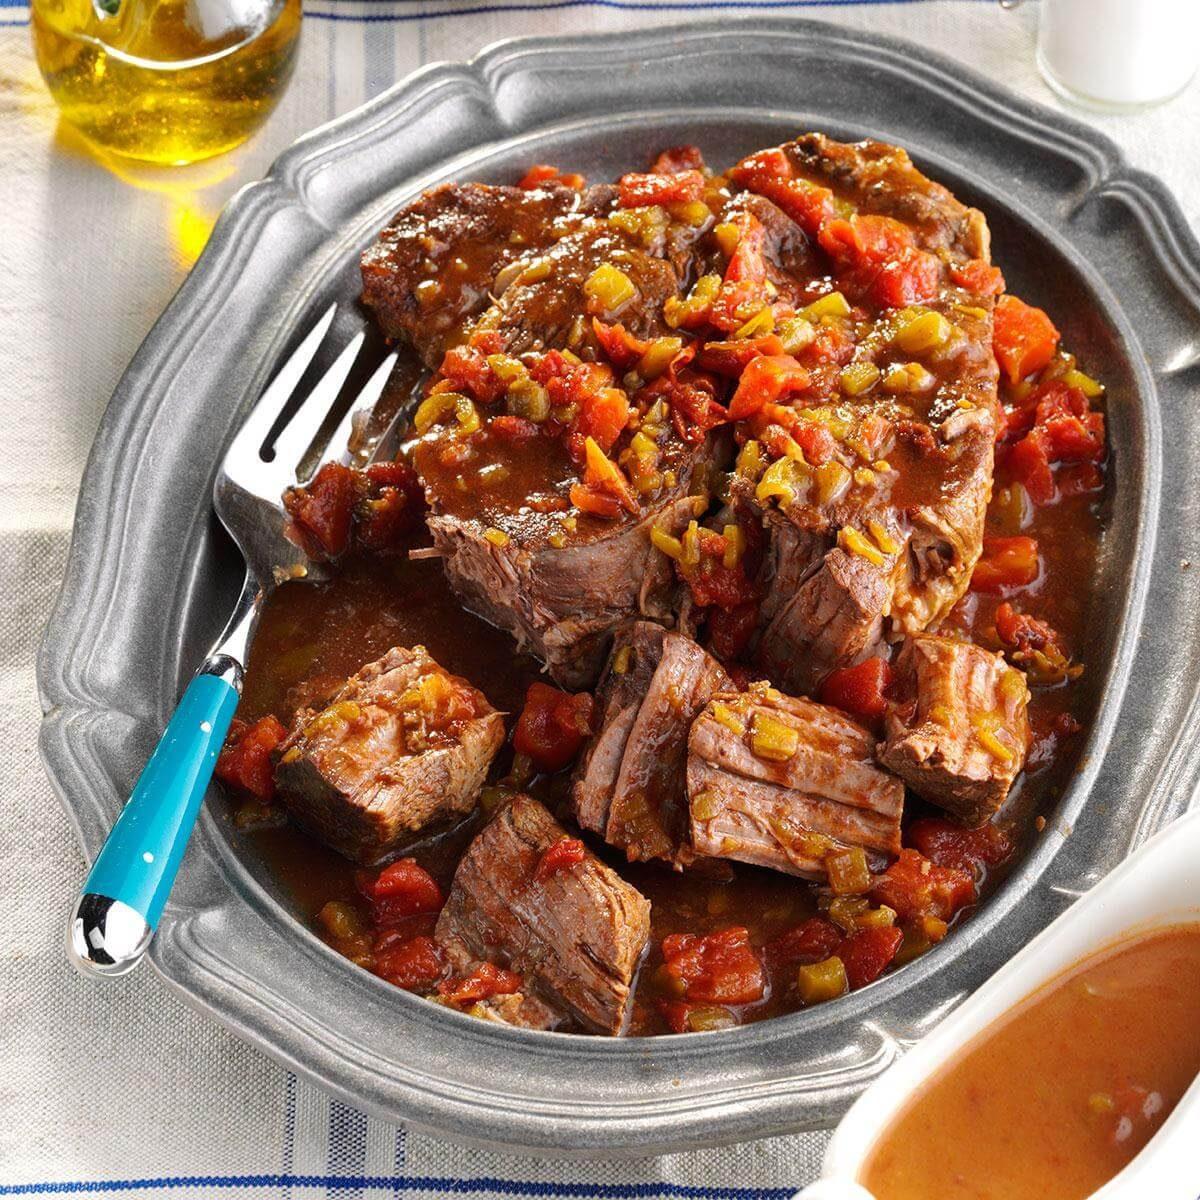 Tasty Dinner Ideas Recipes: Lone Star Pot Roast Recipe